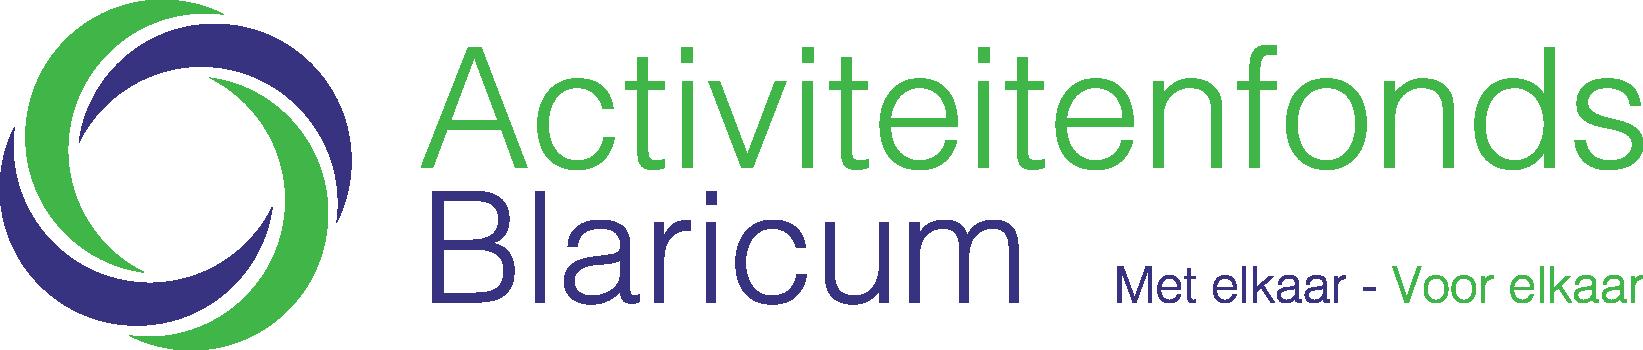 Activiteitenfonds Blaricum